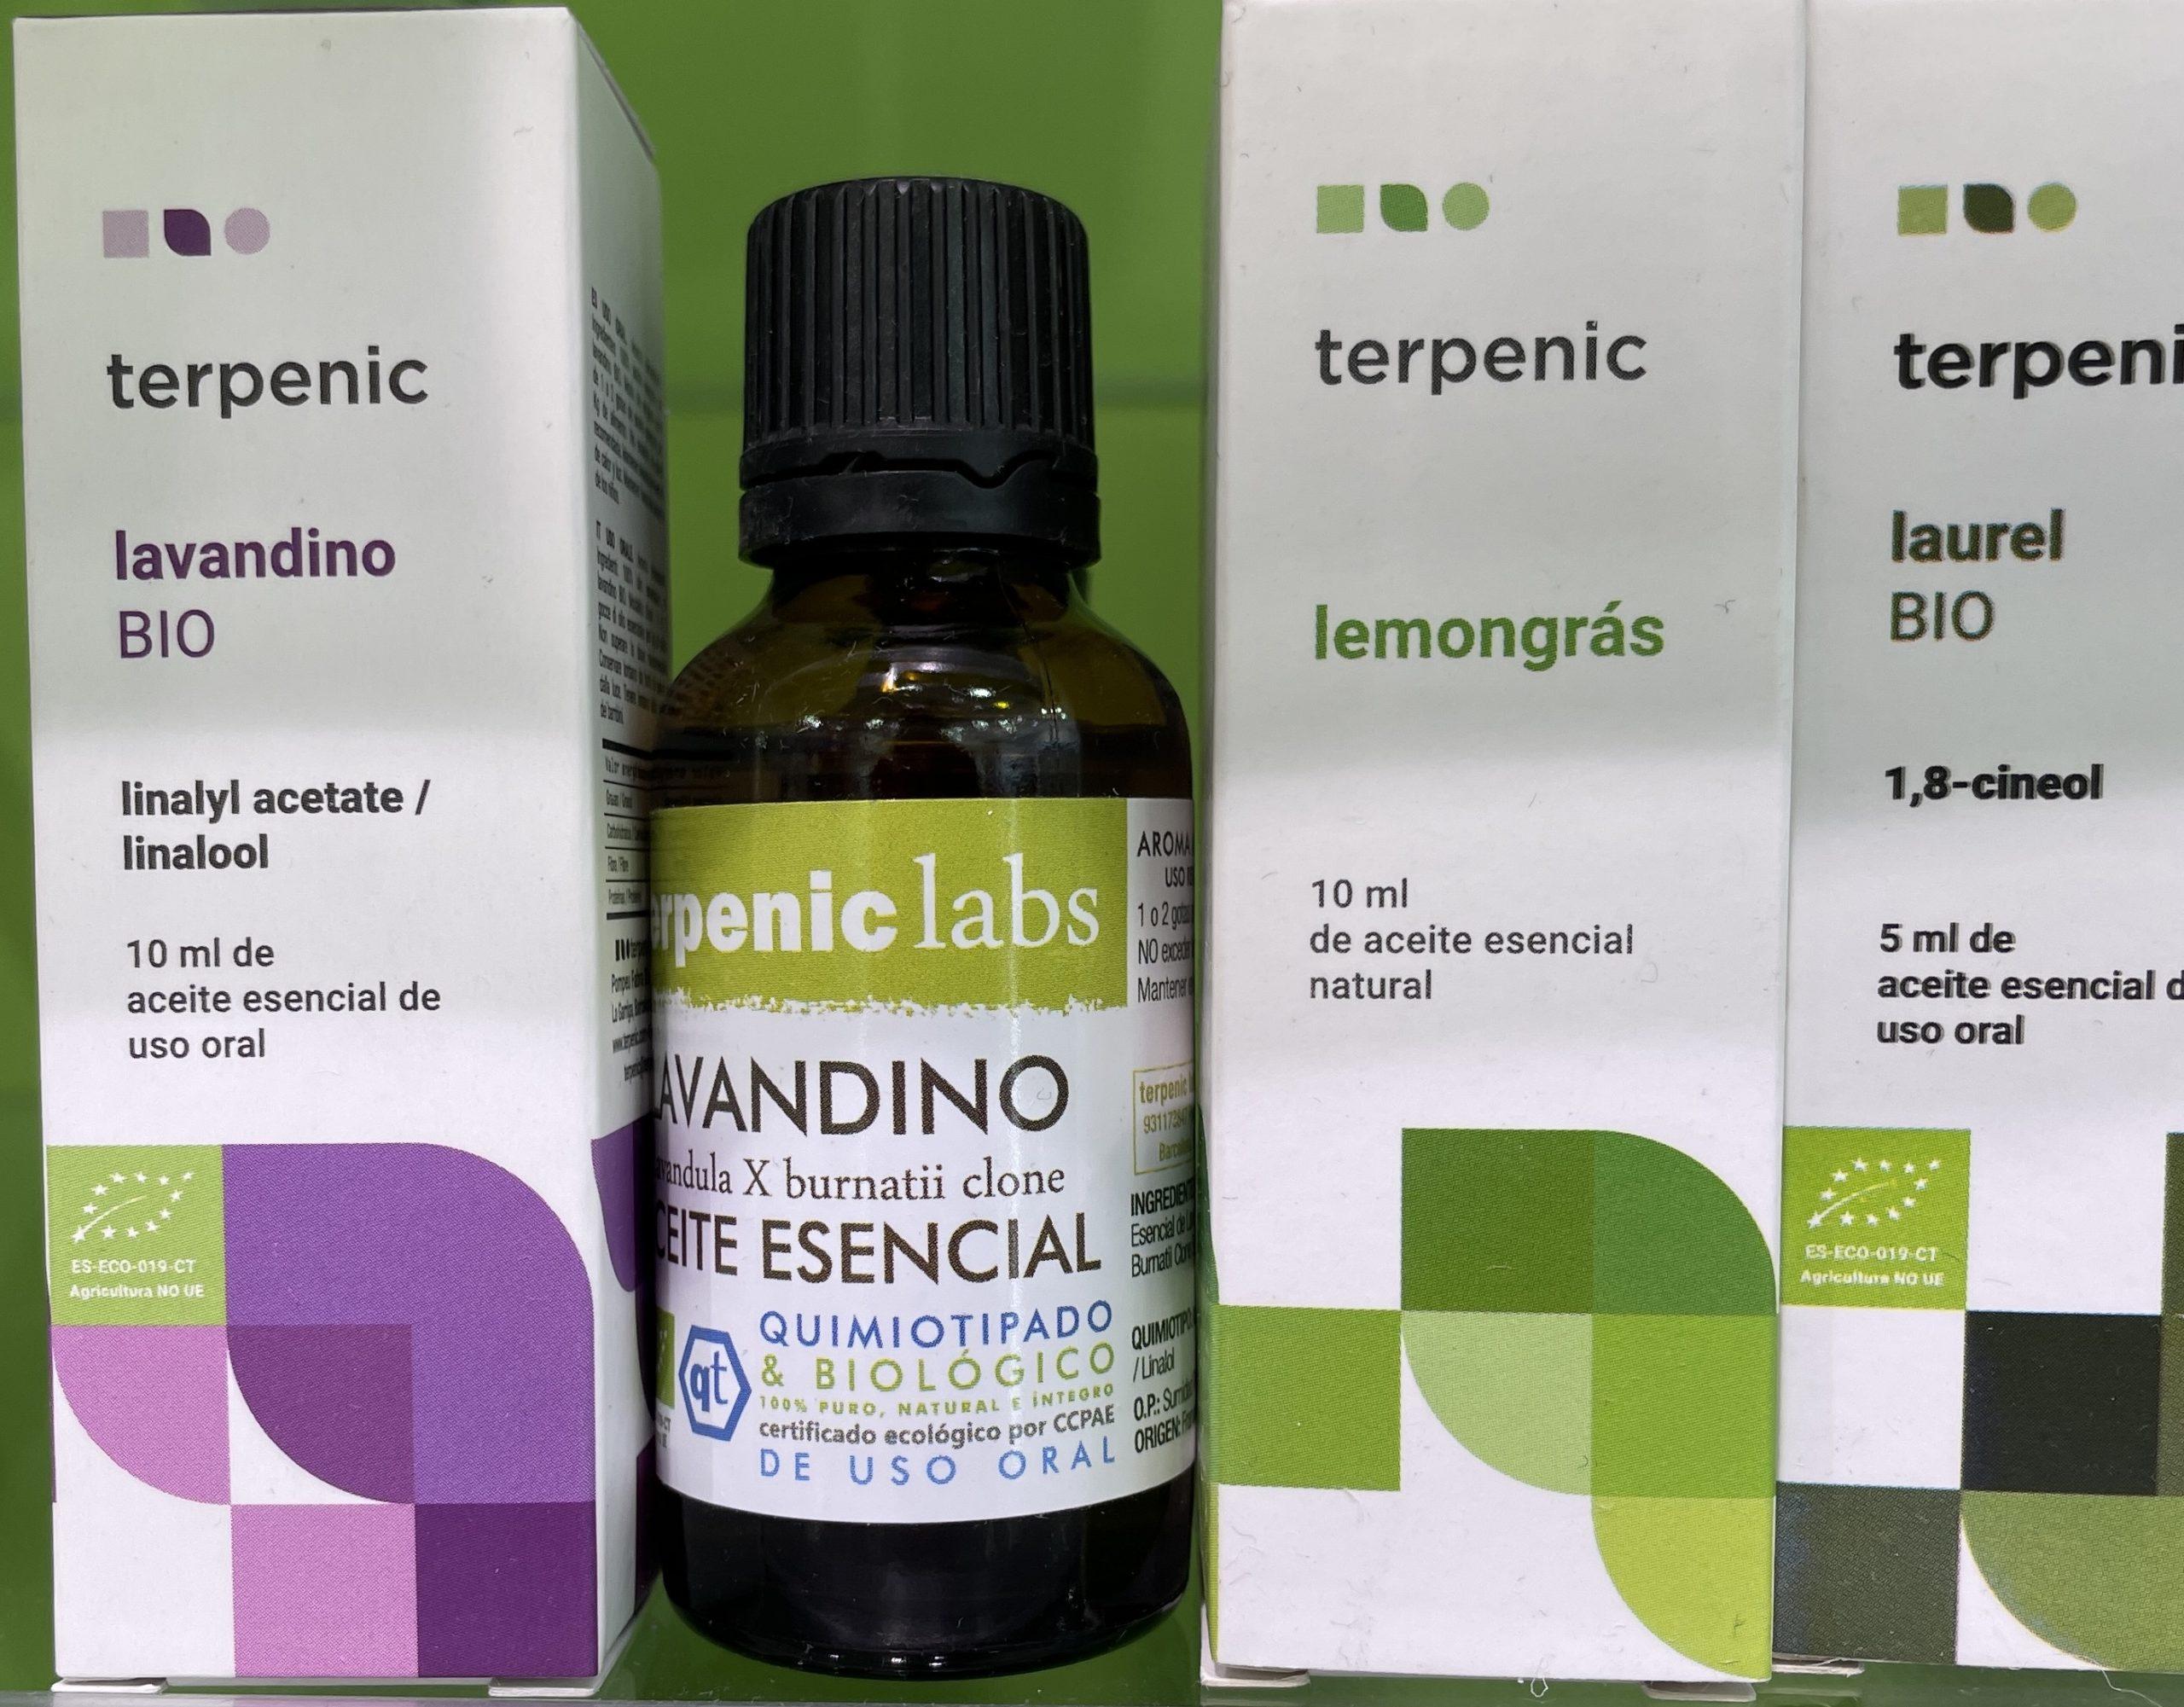 Lavandino - Aceite Esencial Bio - Terpenic Labs - 10 ml Aceite esencial de Lavandino Bio